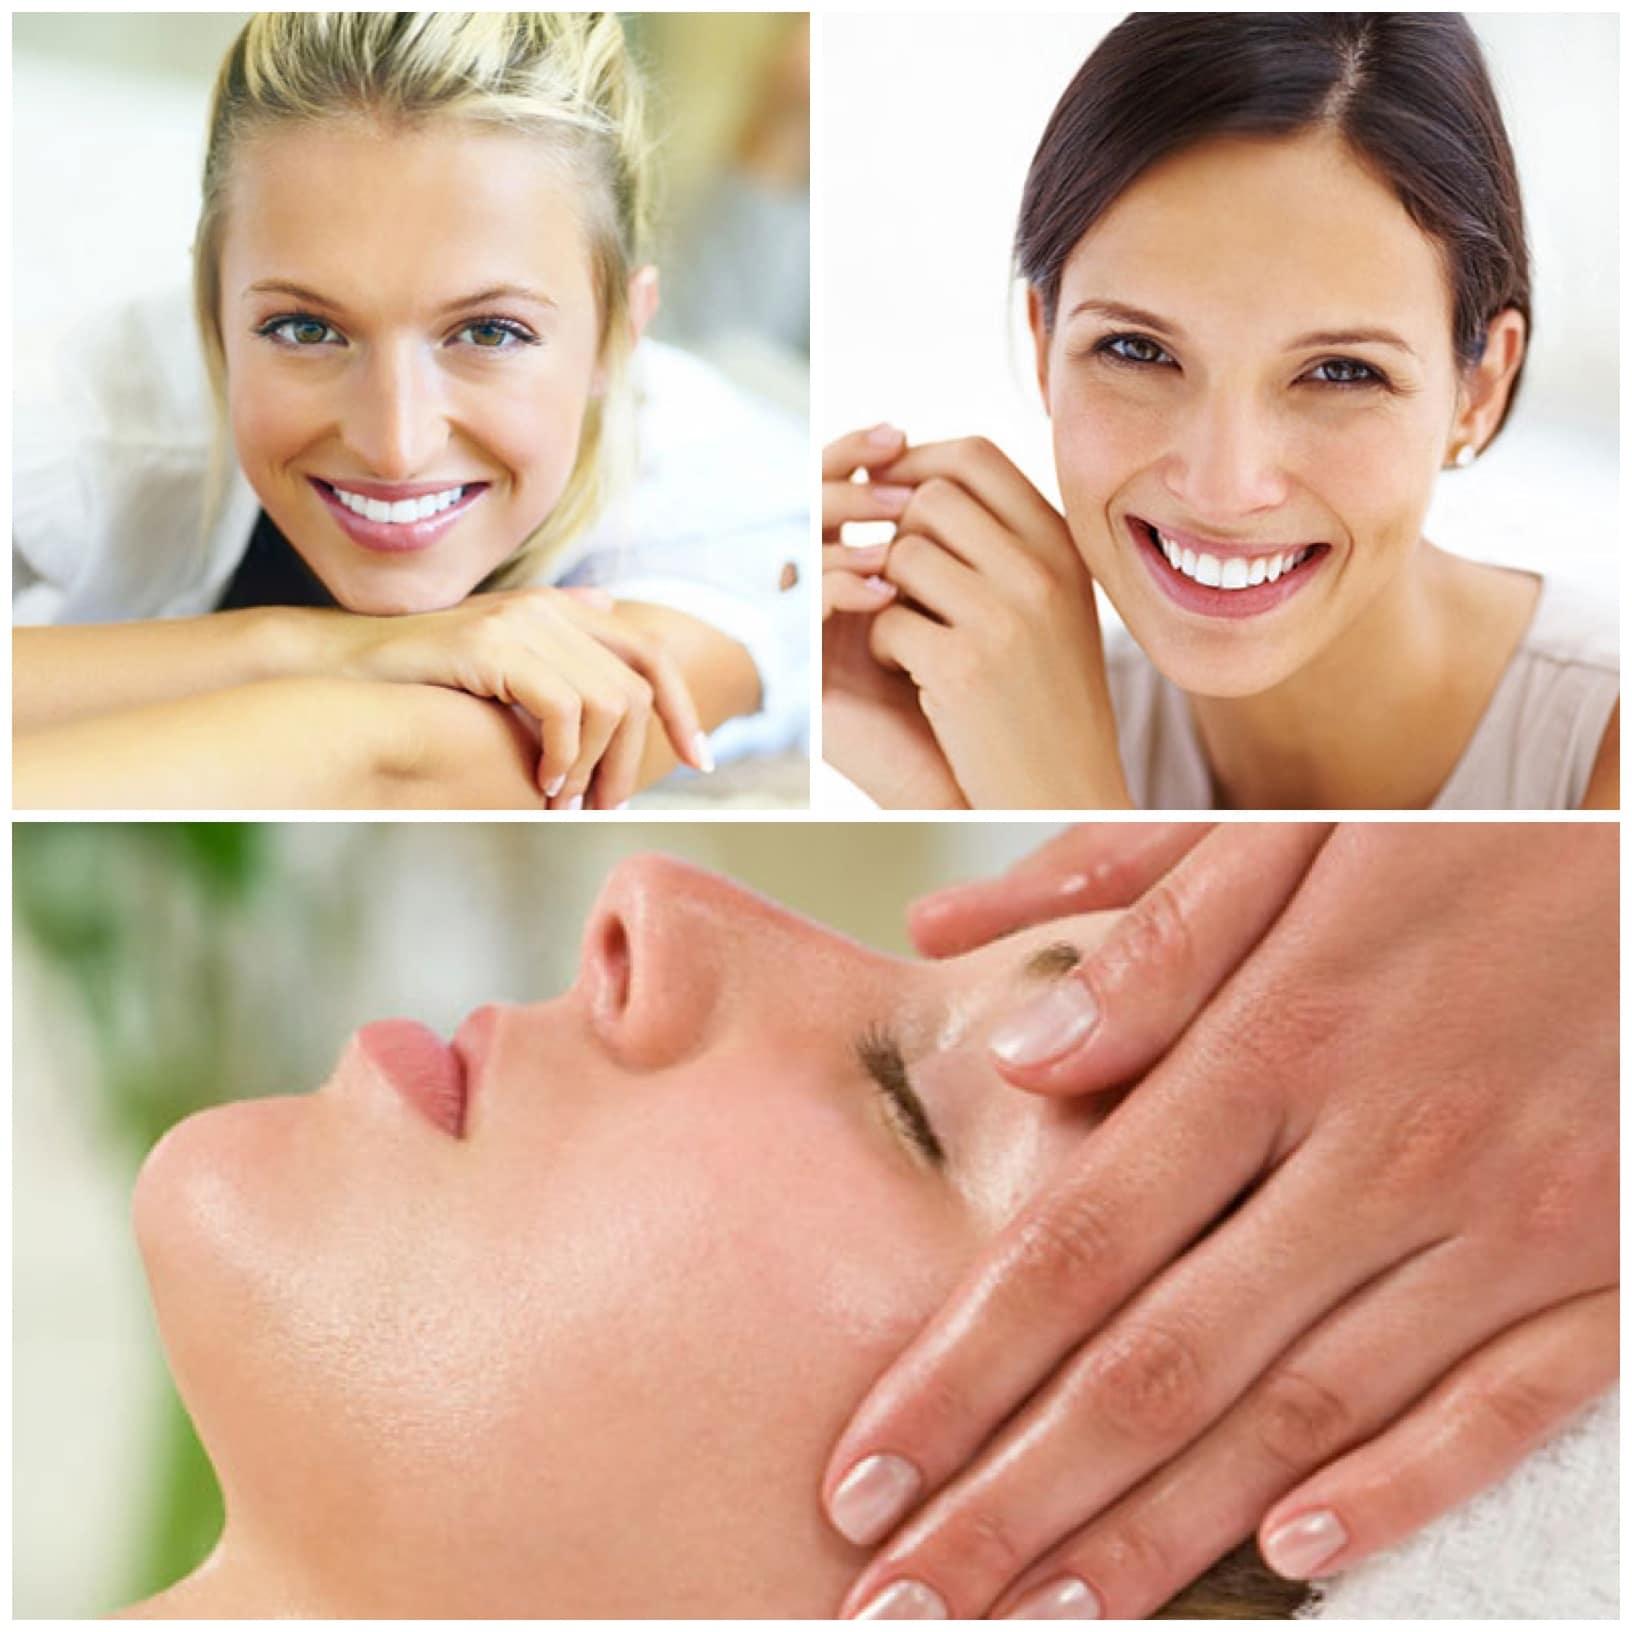 Фракционная мезотерапия кожи лица – эффективность тысячи уколов красоты!